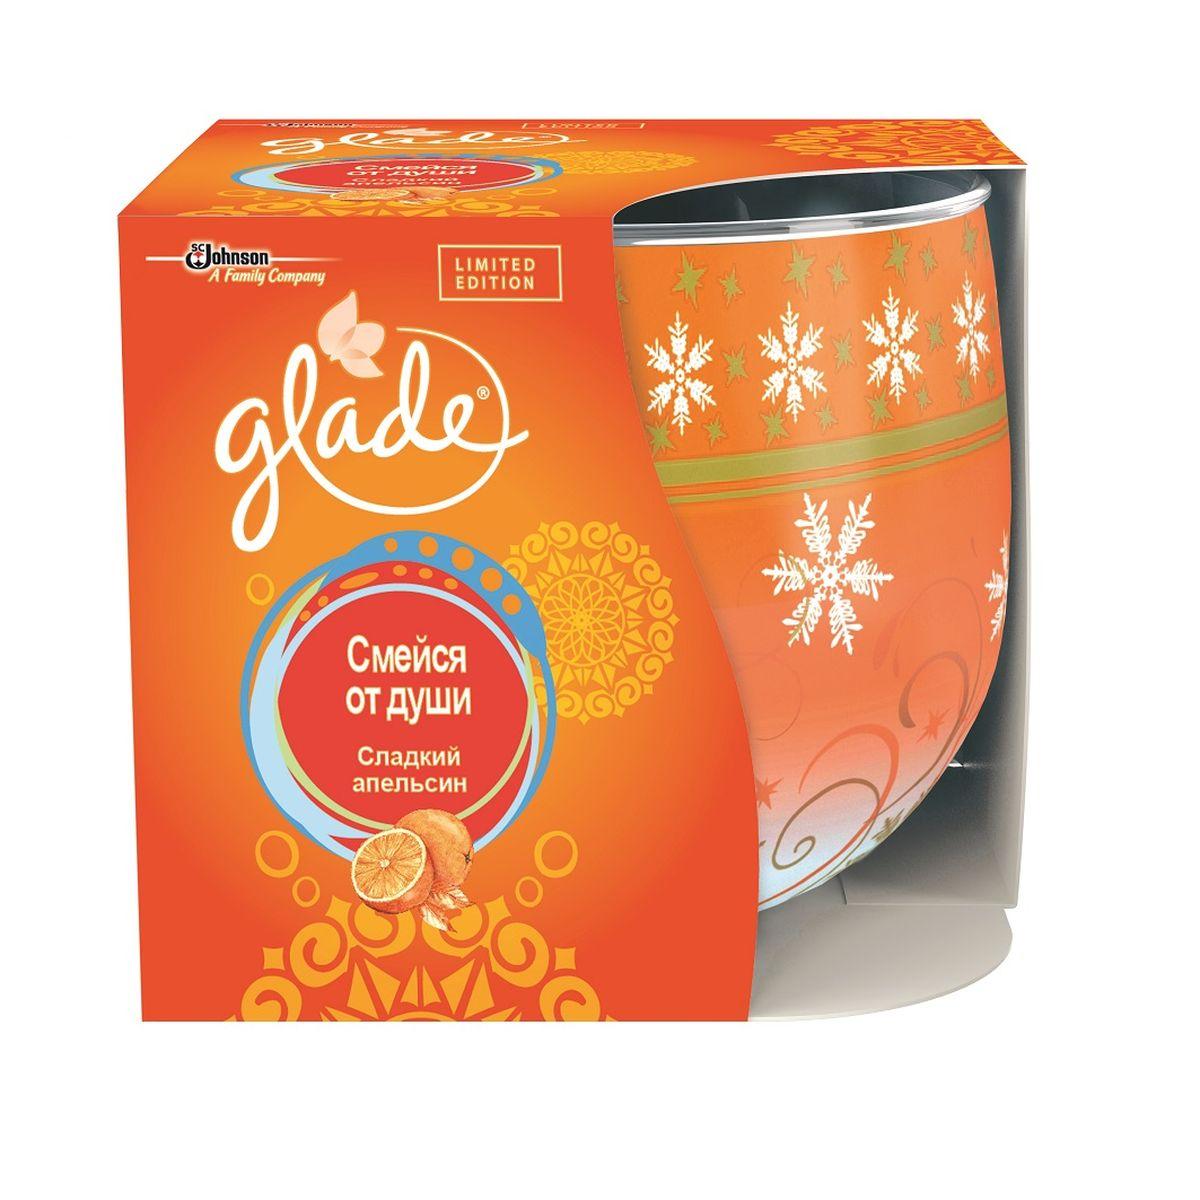 Свеча ароматизированная Glade Смейся от души, сладкий апельсин, 120 г684767